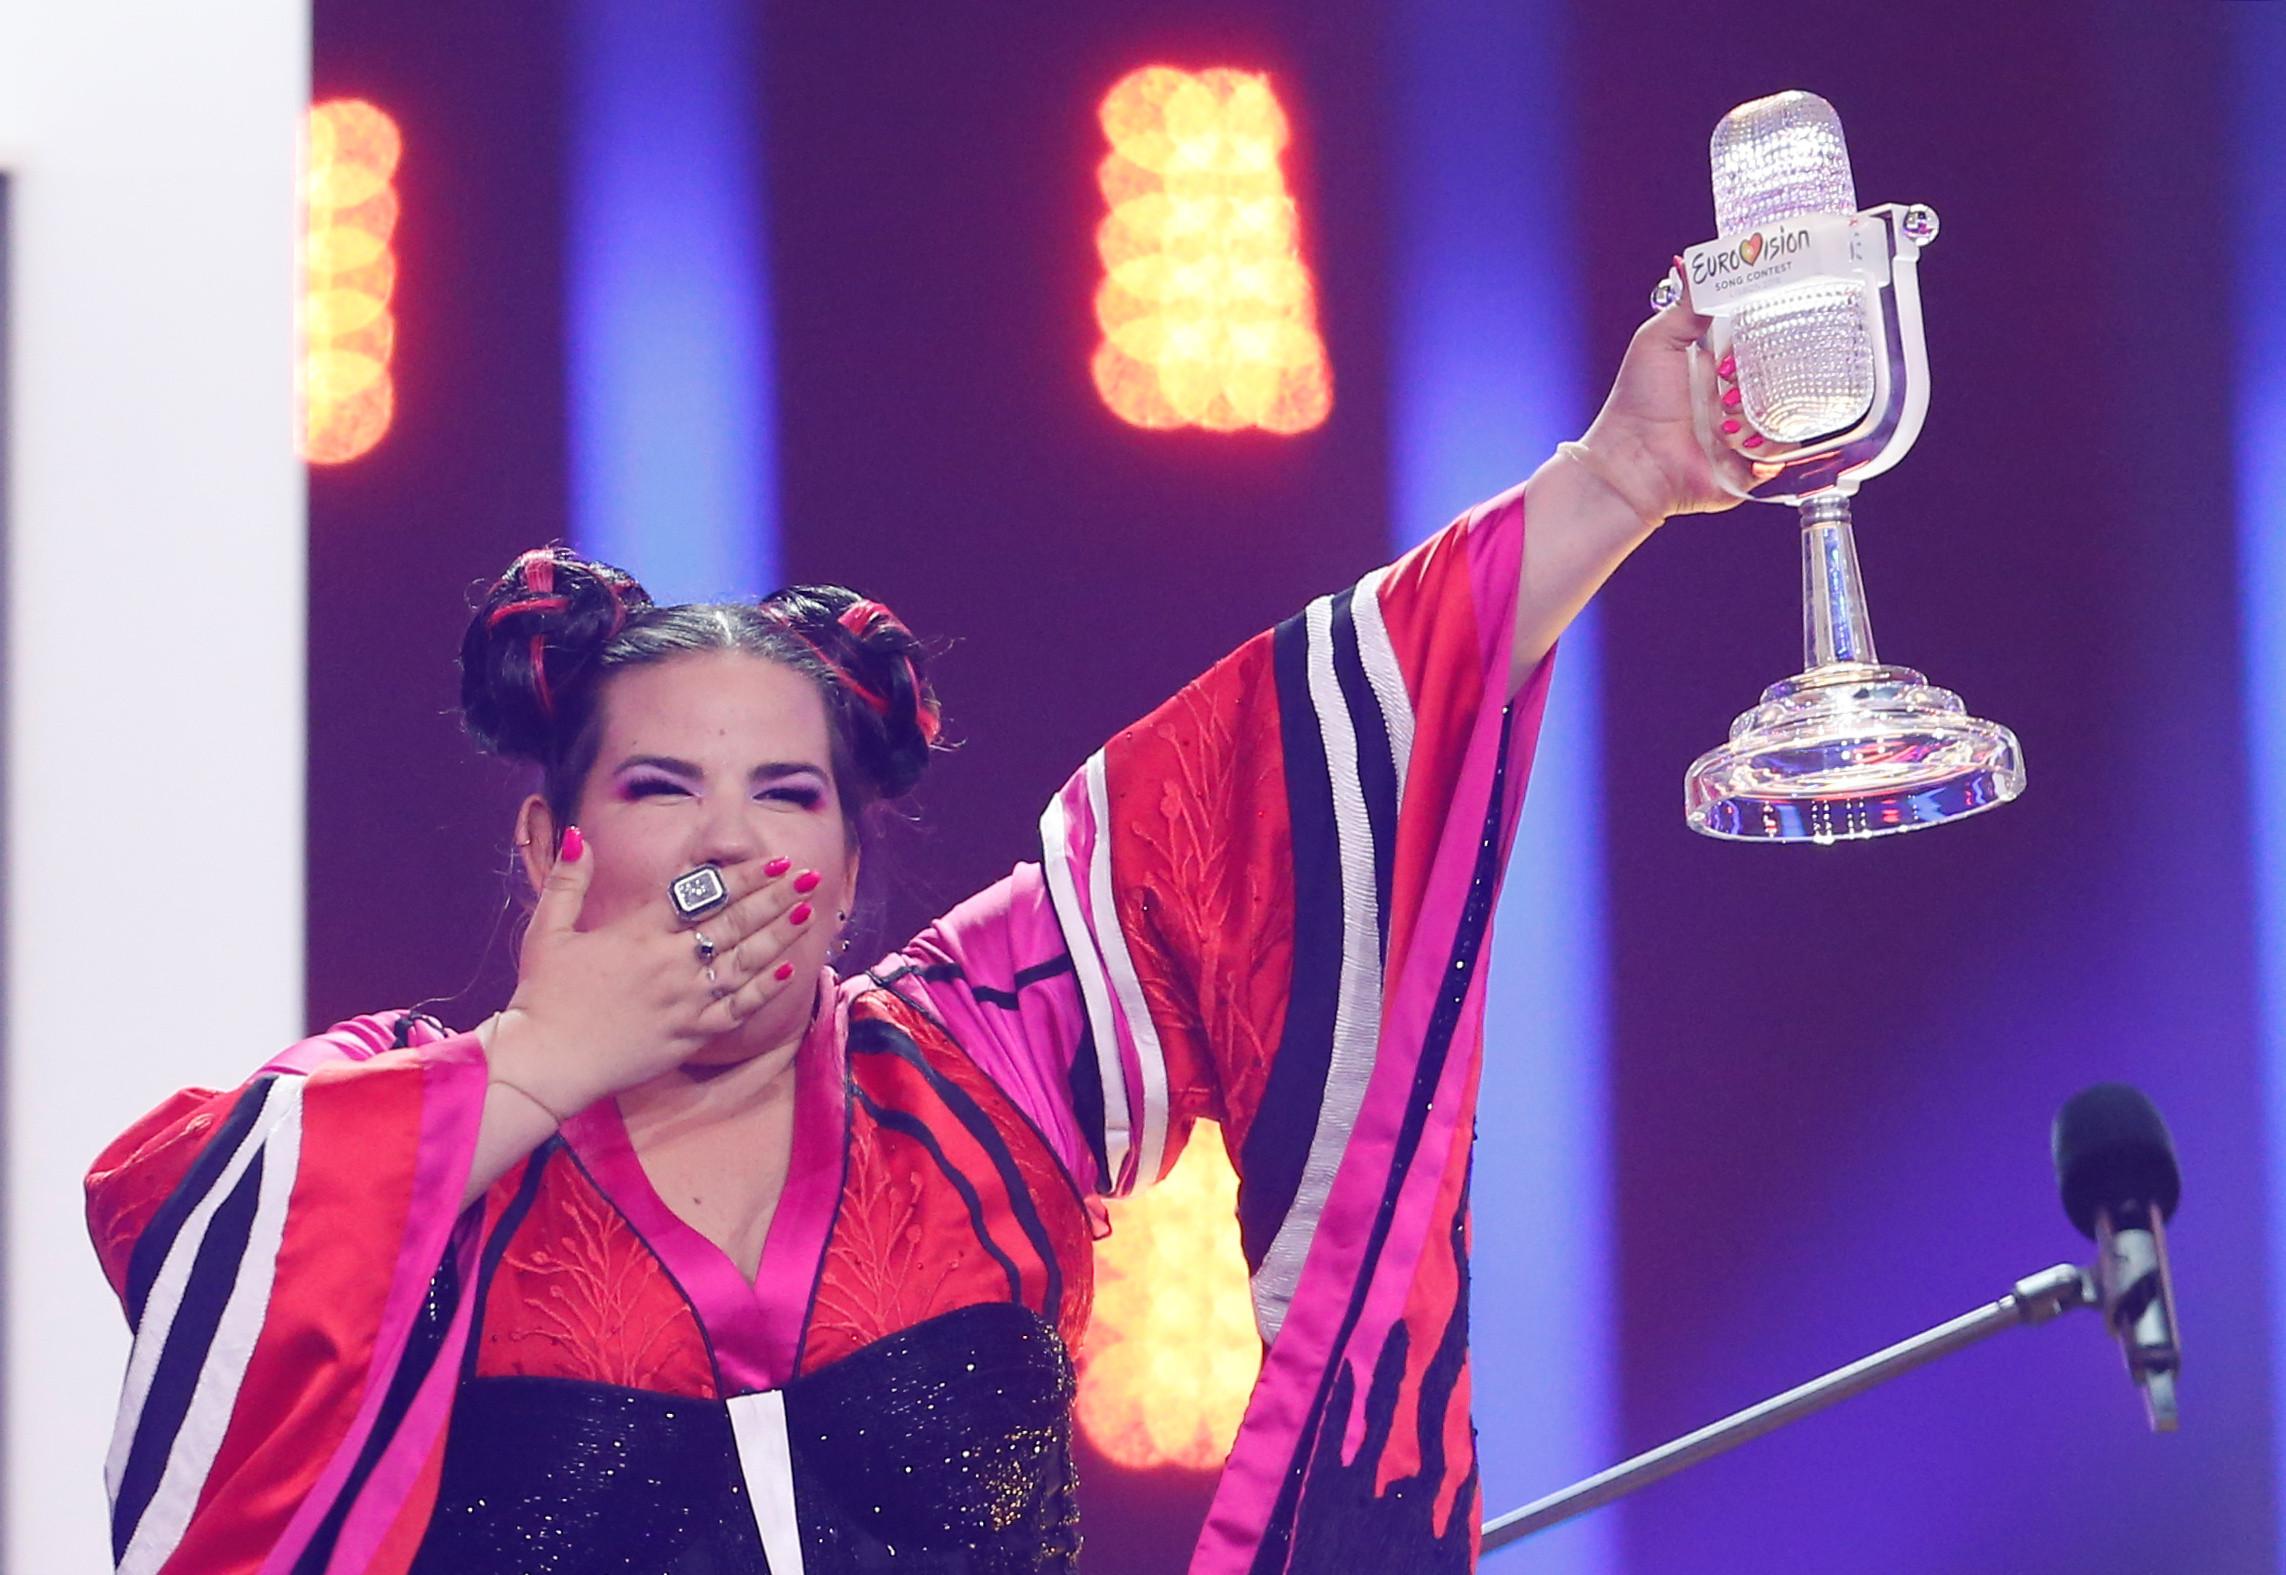 Mais de 60 organizações de vários países apelam a boicote à Eurovisão